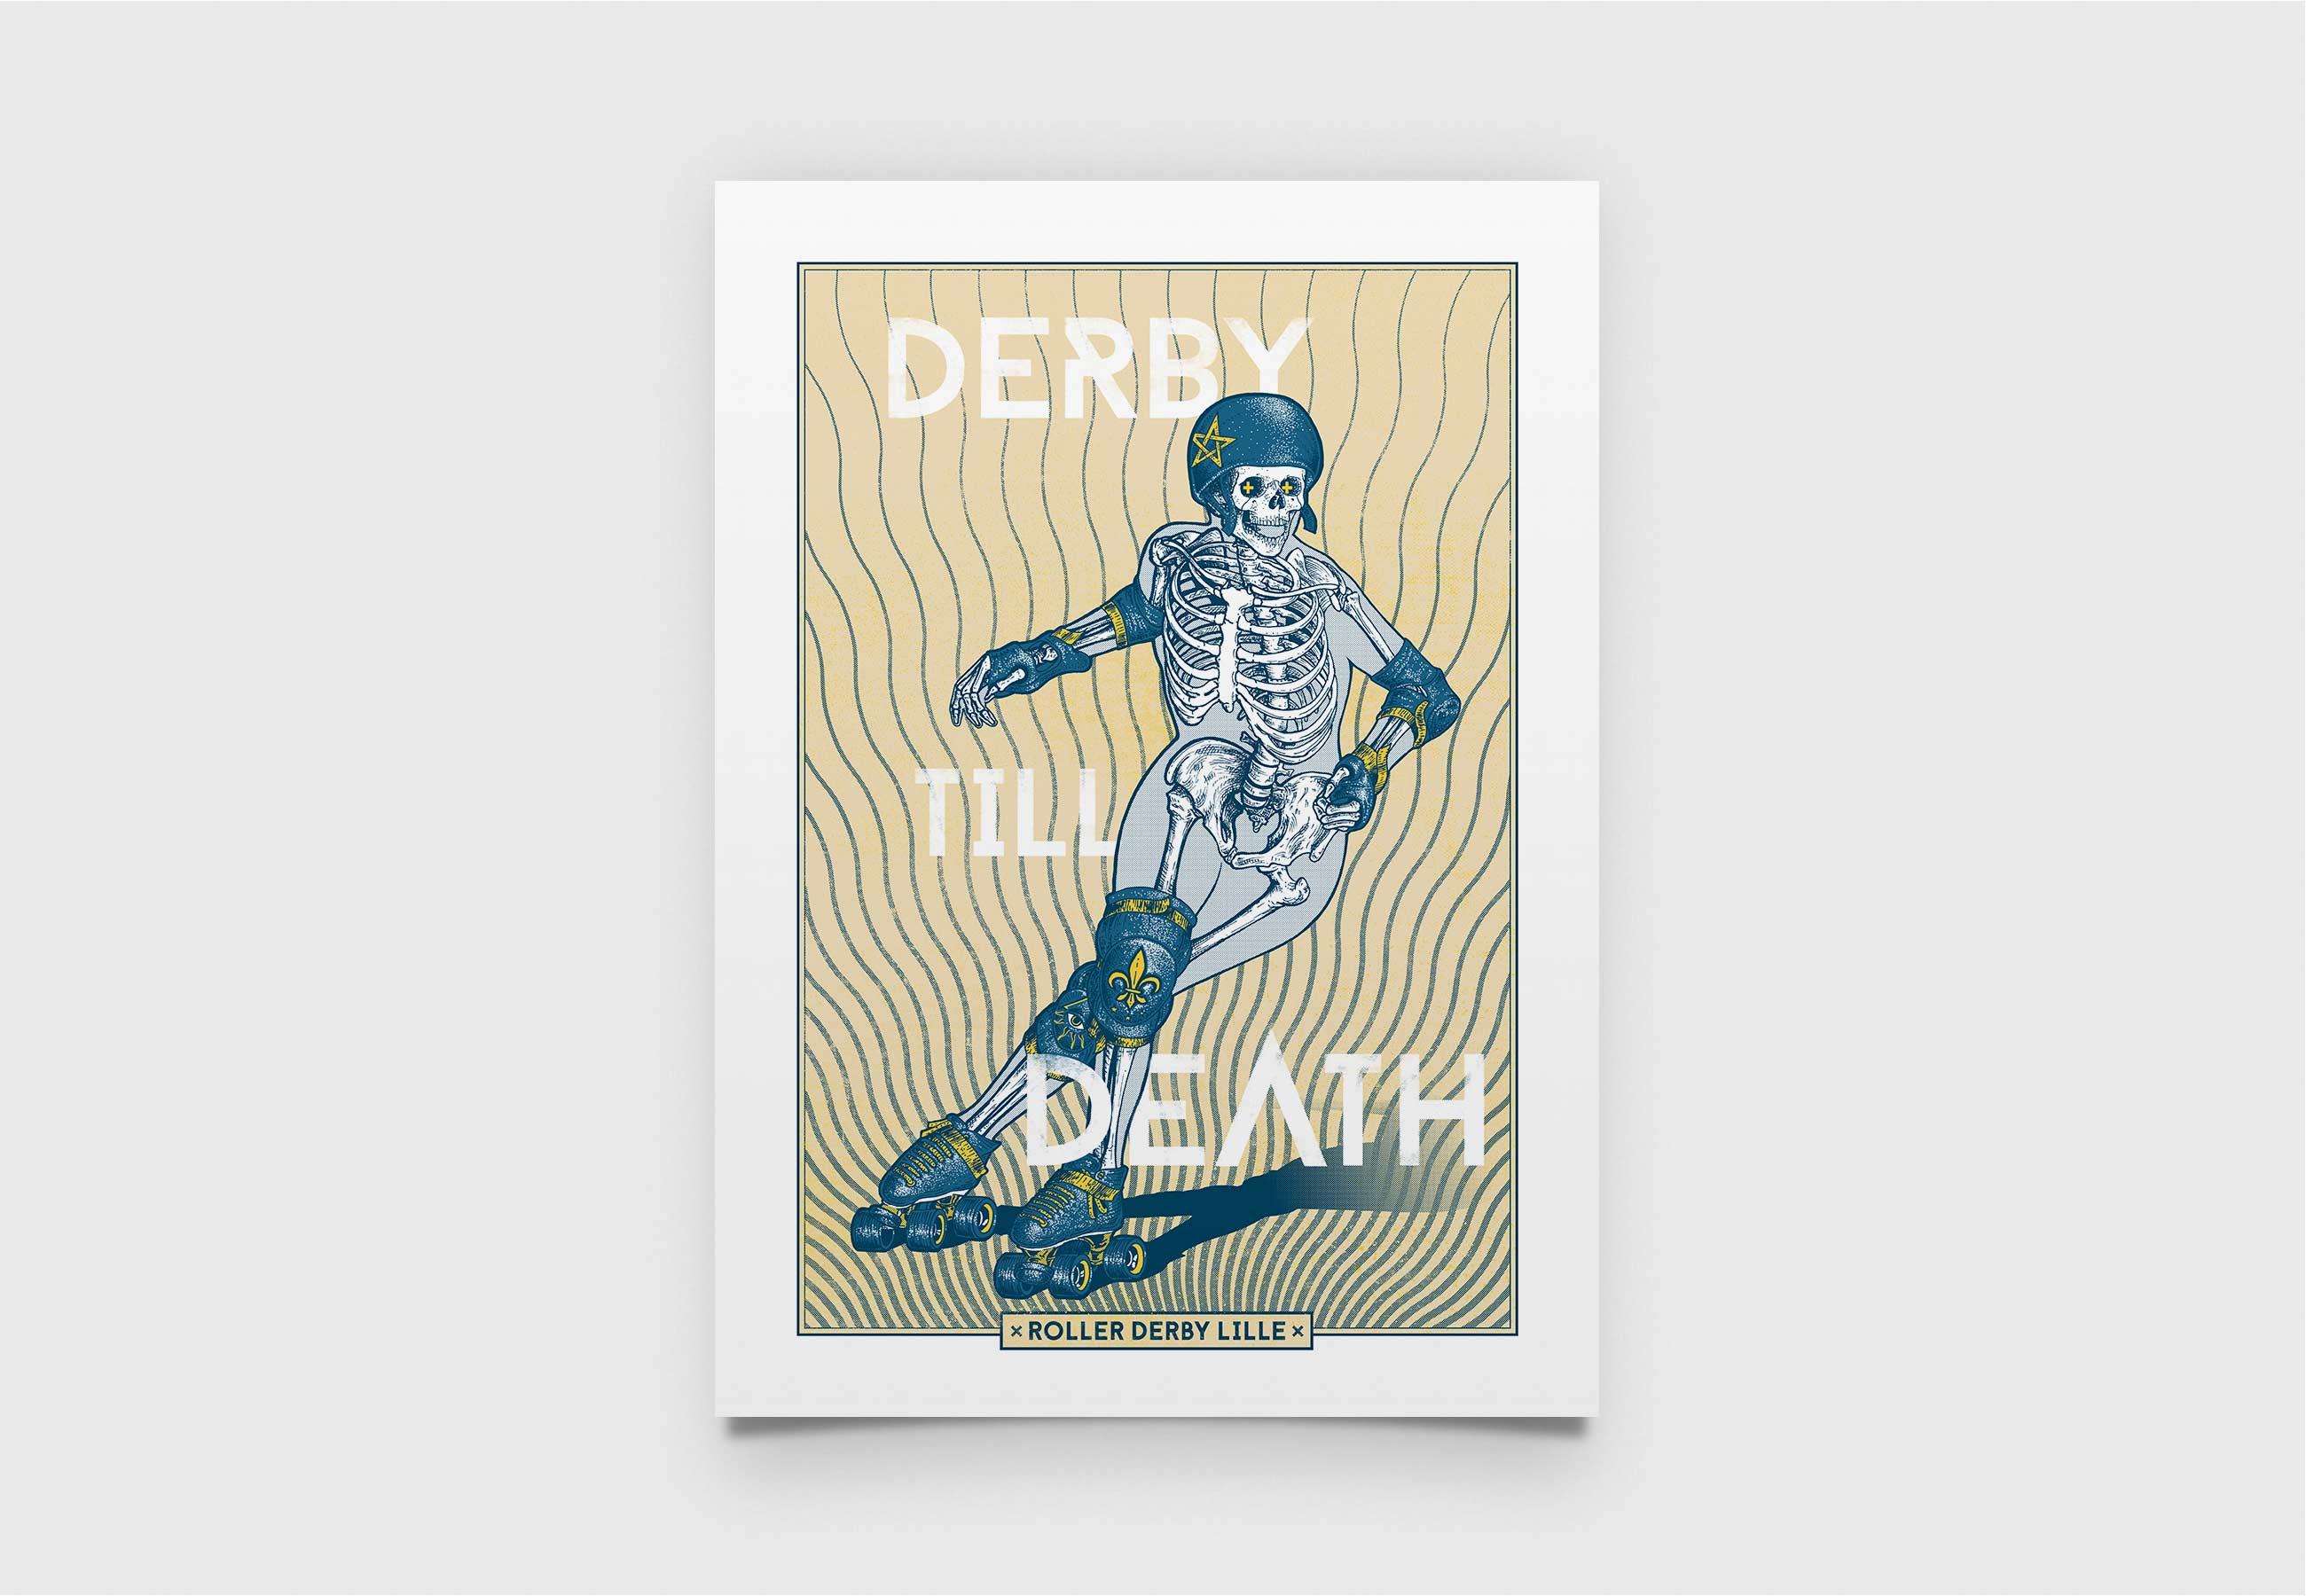 derby_till_death_03_parallele_graphique